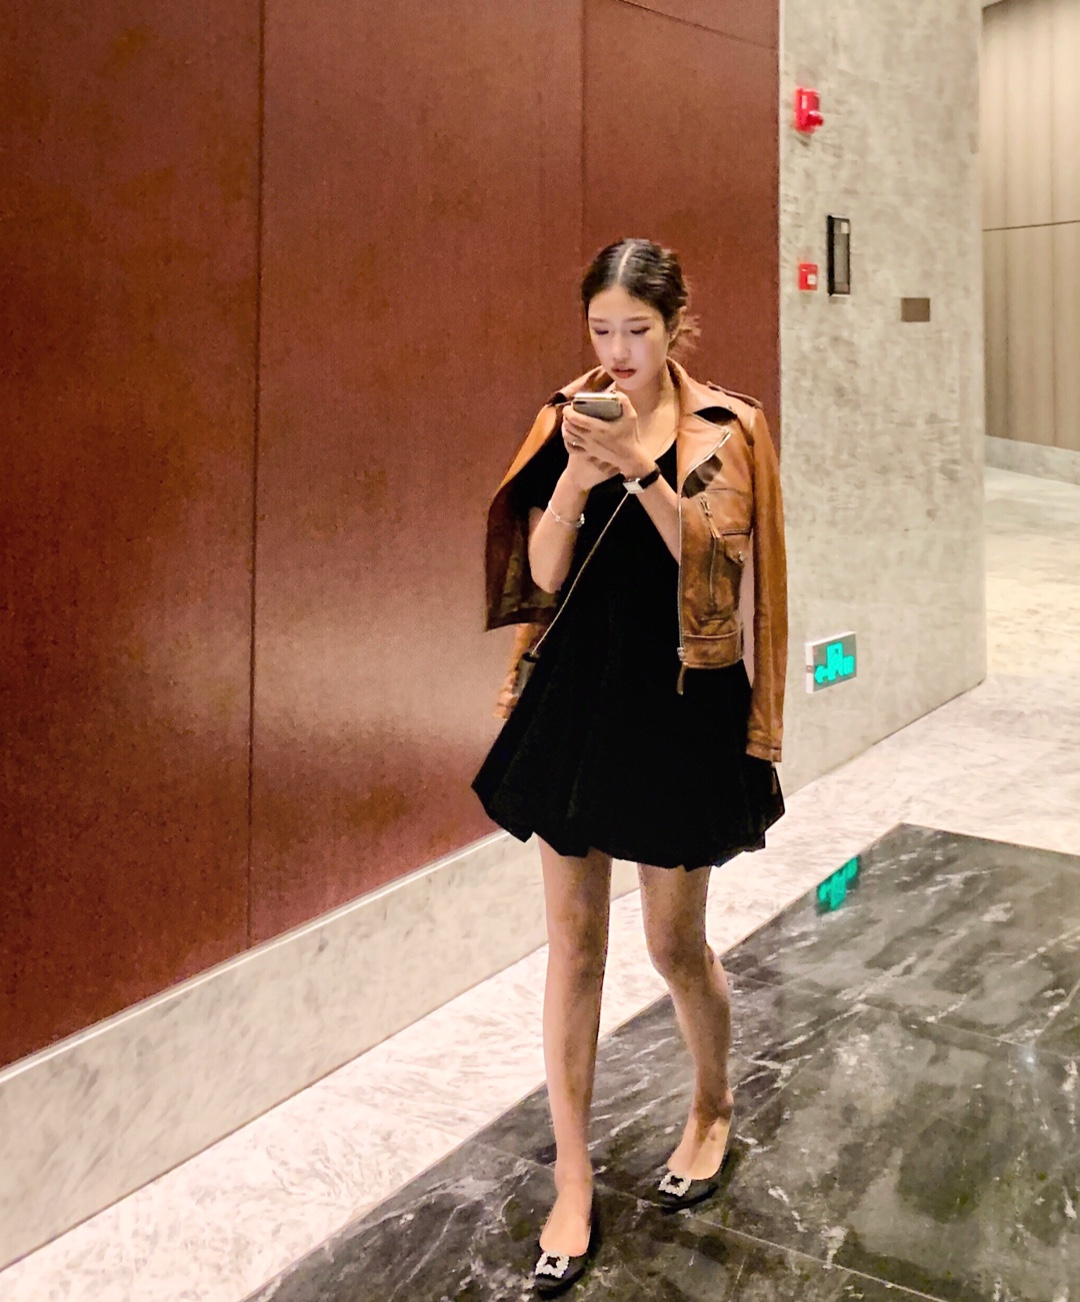 过年聚会这么穿 全场焦点就是你 皮衣➕丝绒裙 显瘦又显女人味 谁穿谁时髦! #30天打卡挑战#